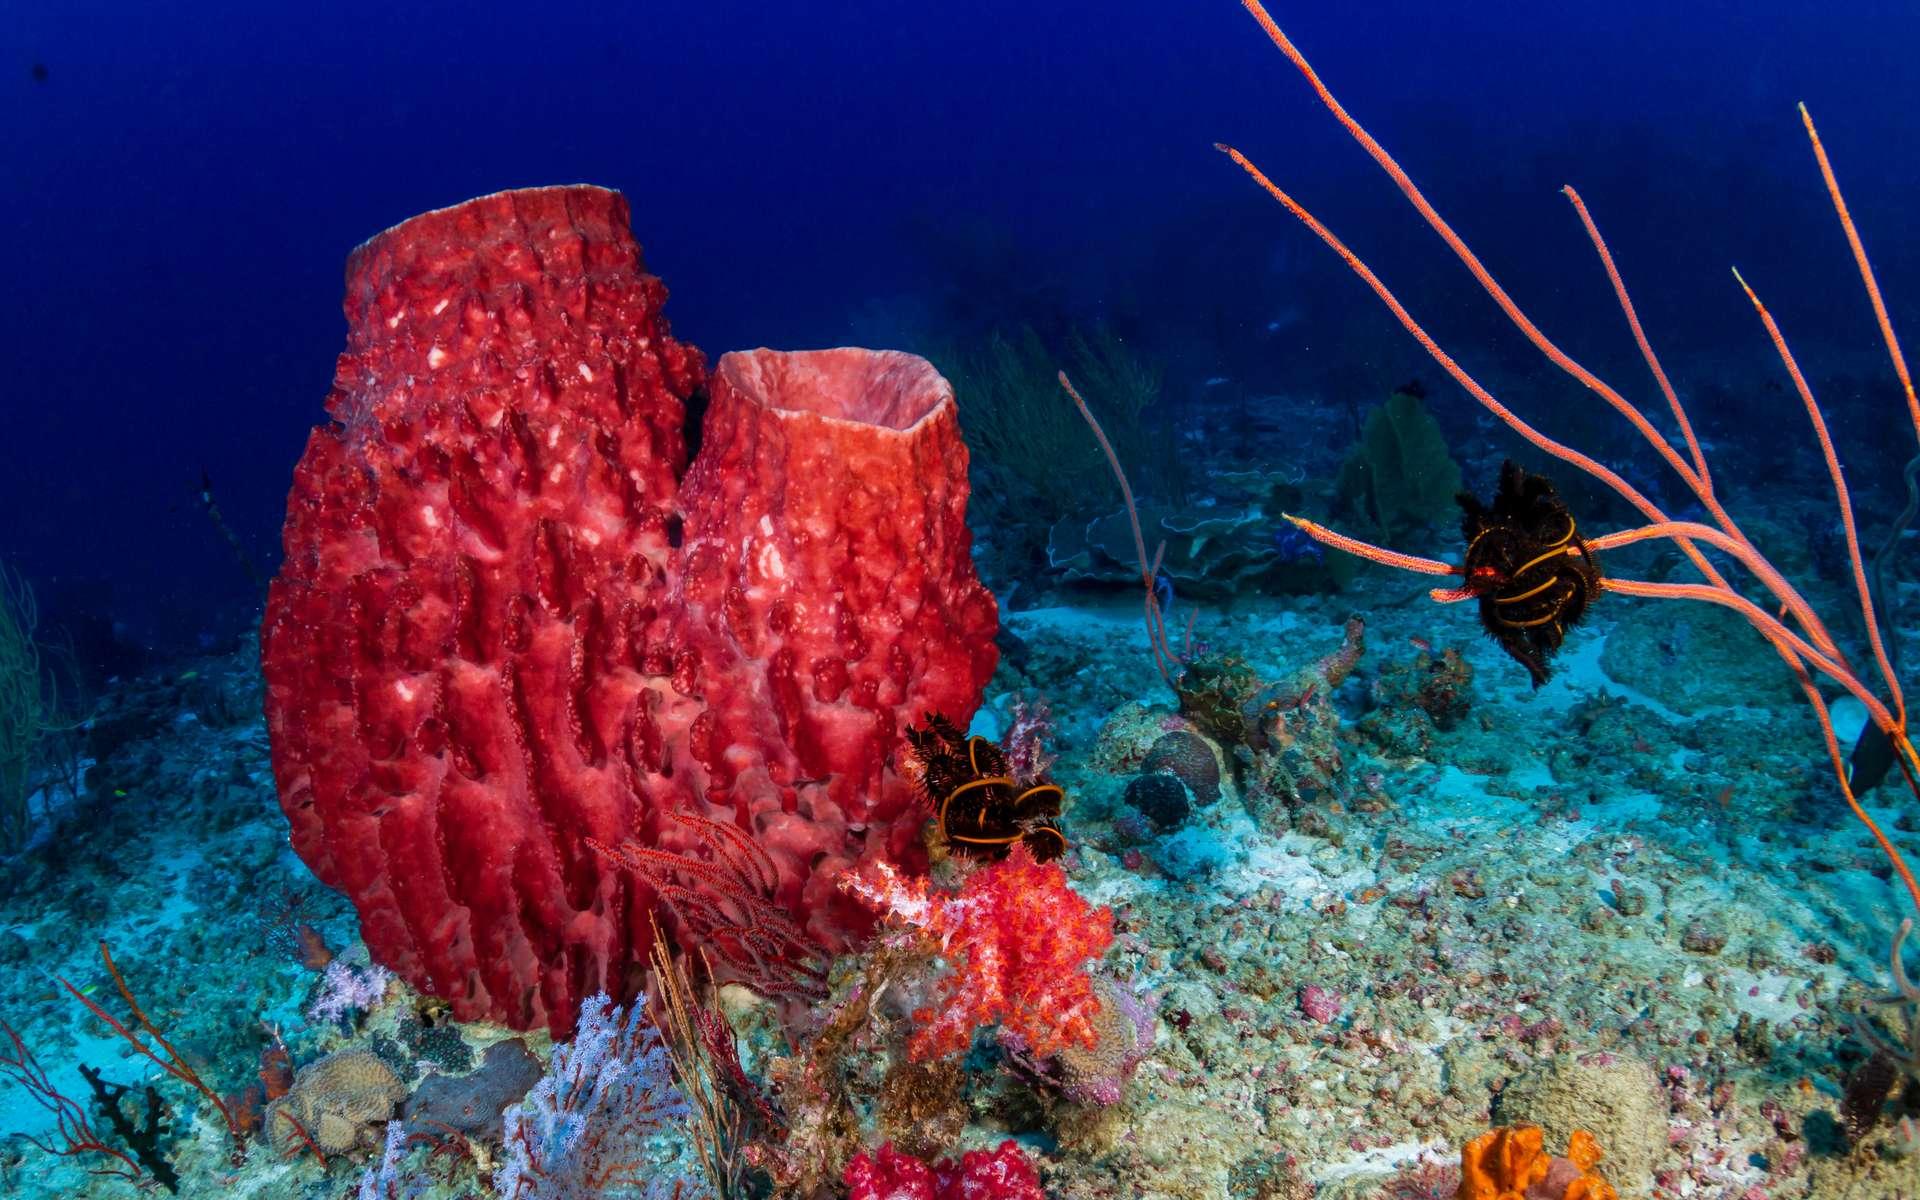 Les éponges seraient les premiers métazoaires à être apparus au cours de l'histoire de la vie sur Terre. © whitcomberd, Adobe Stock